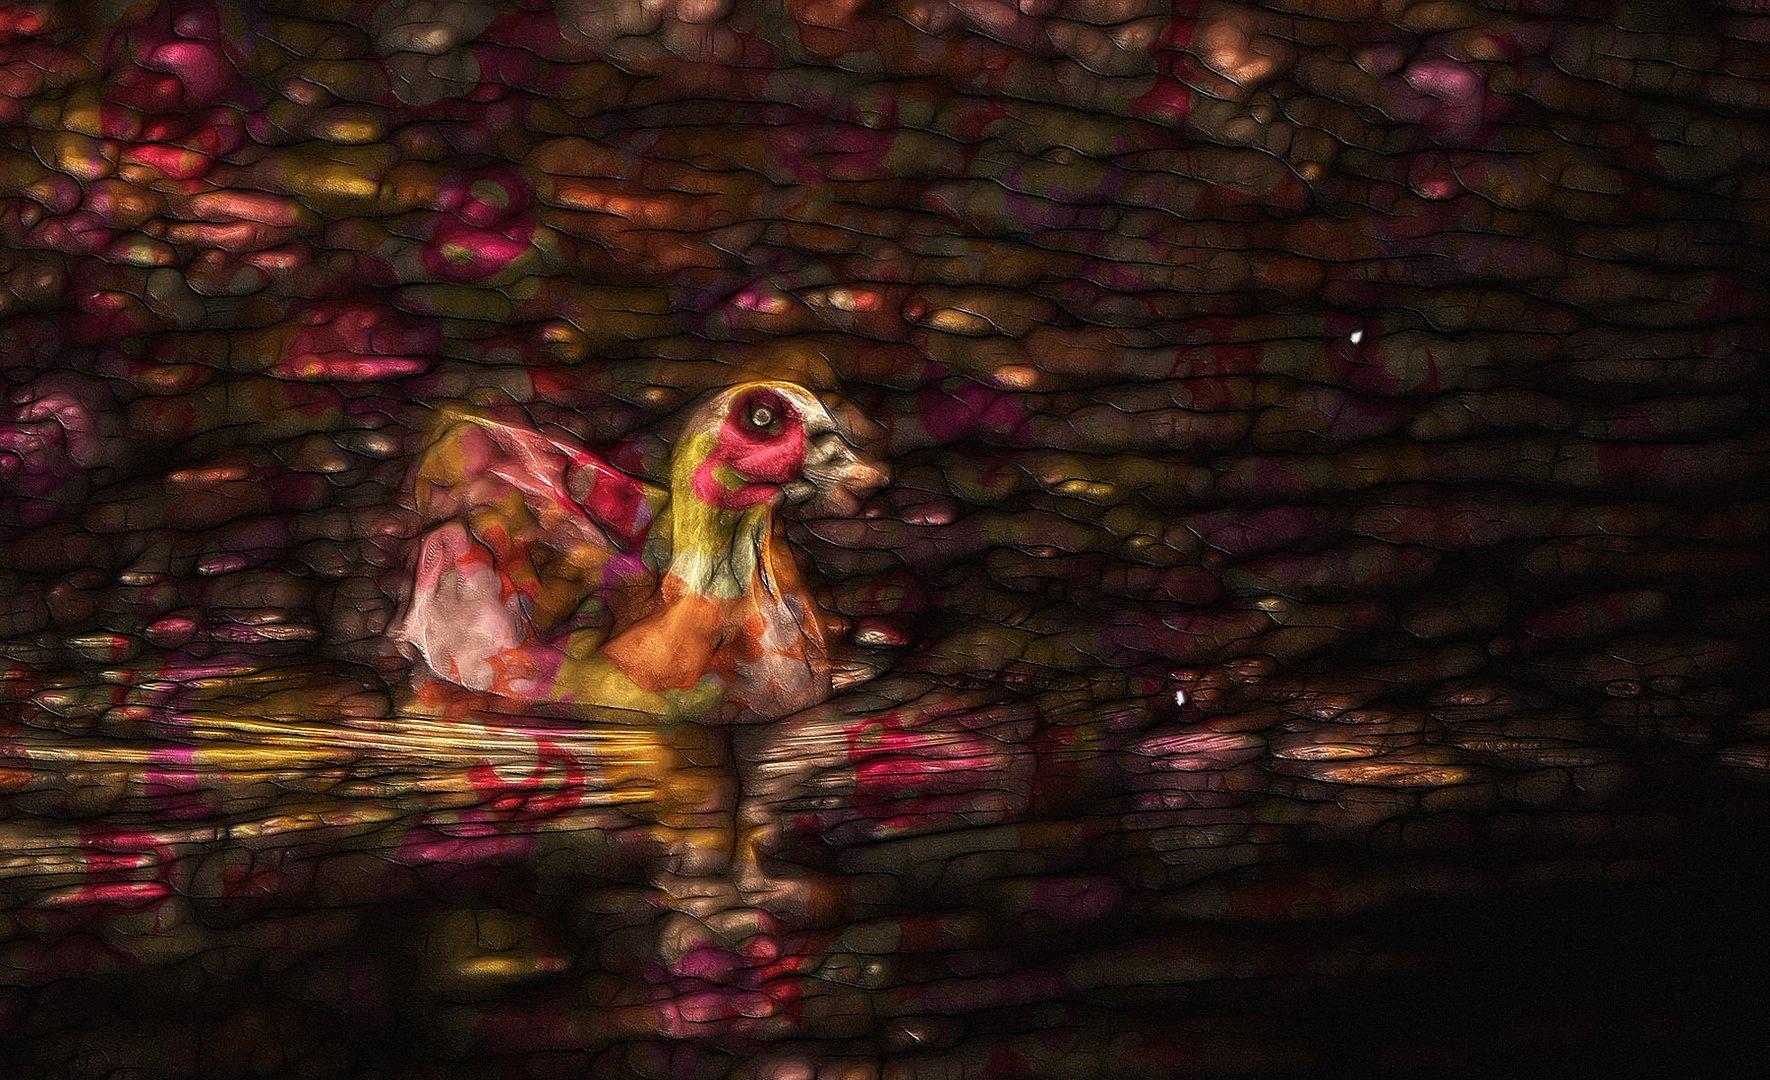 schwimmen in bunten farben ...